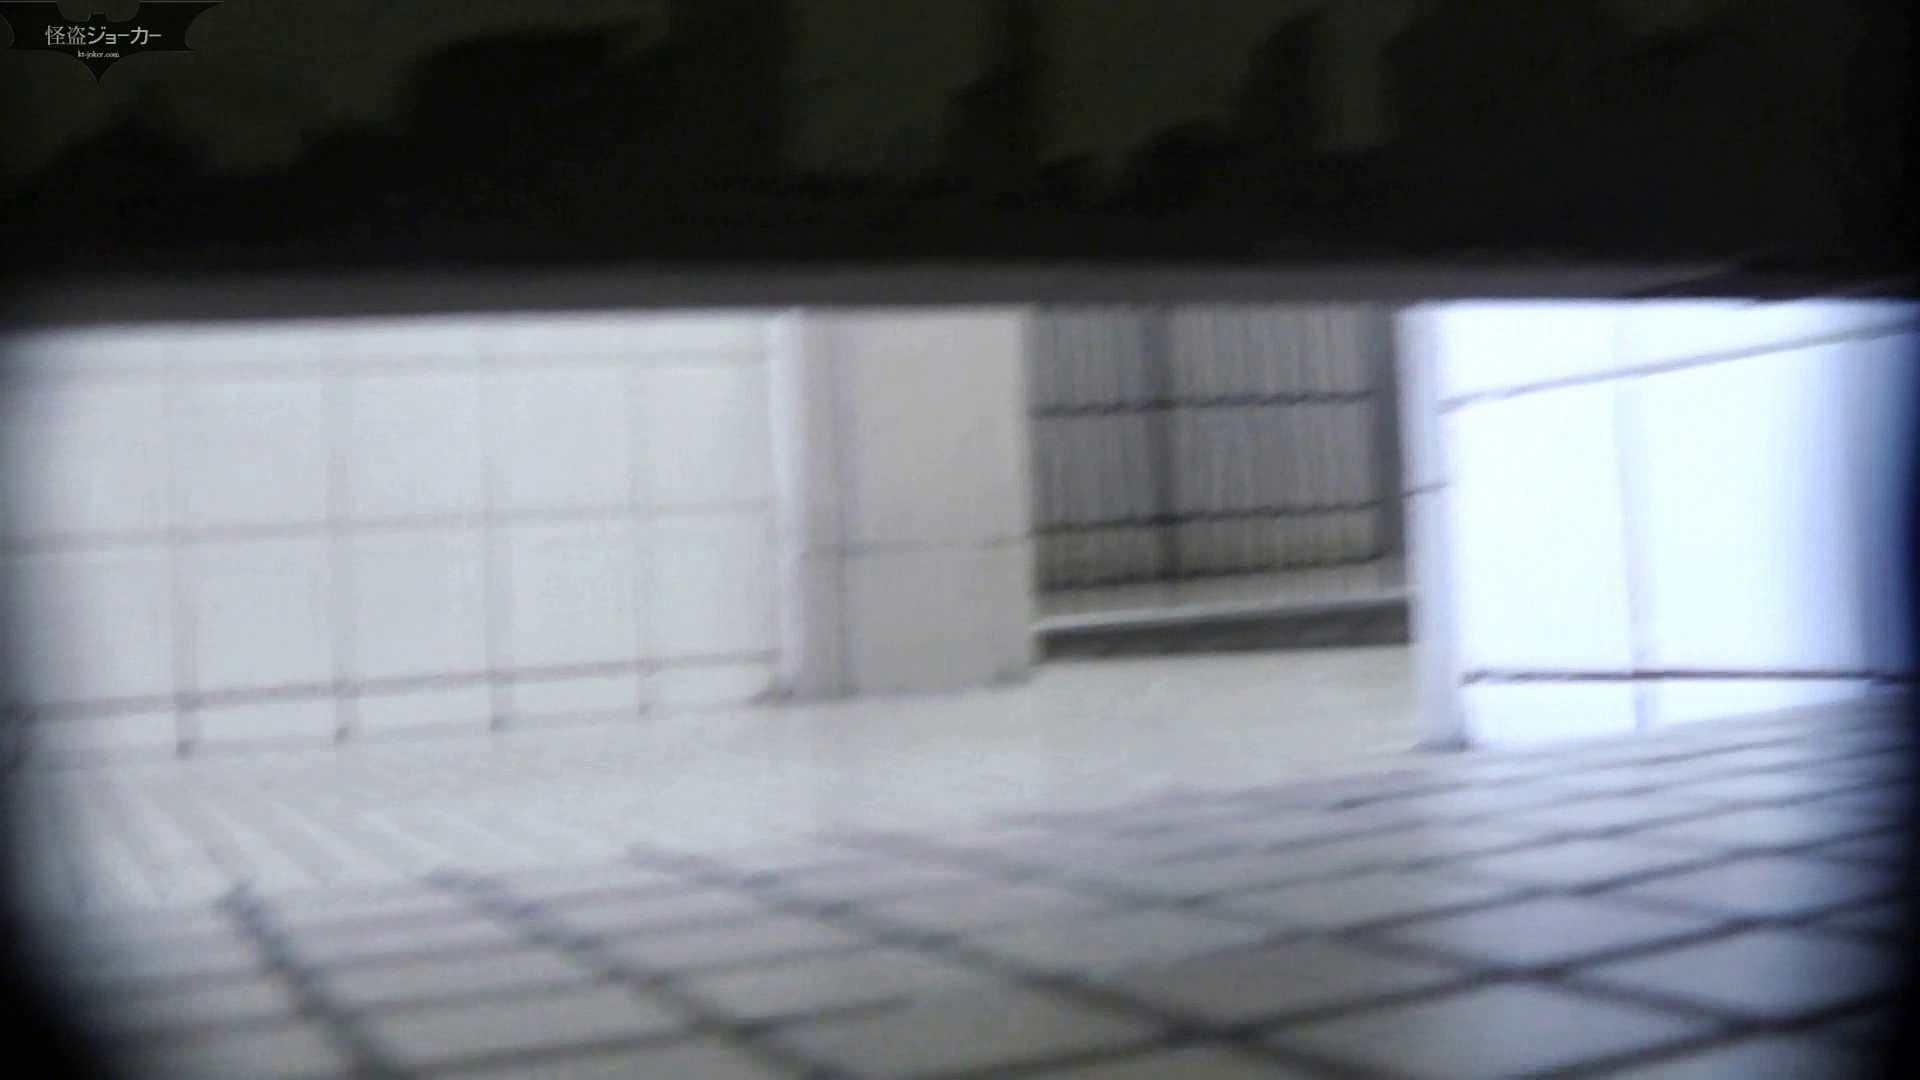 【美しき個室な世界】洗面所特攻隊 vol.051 エッチなOL   洗面所  93枚 25